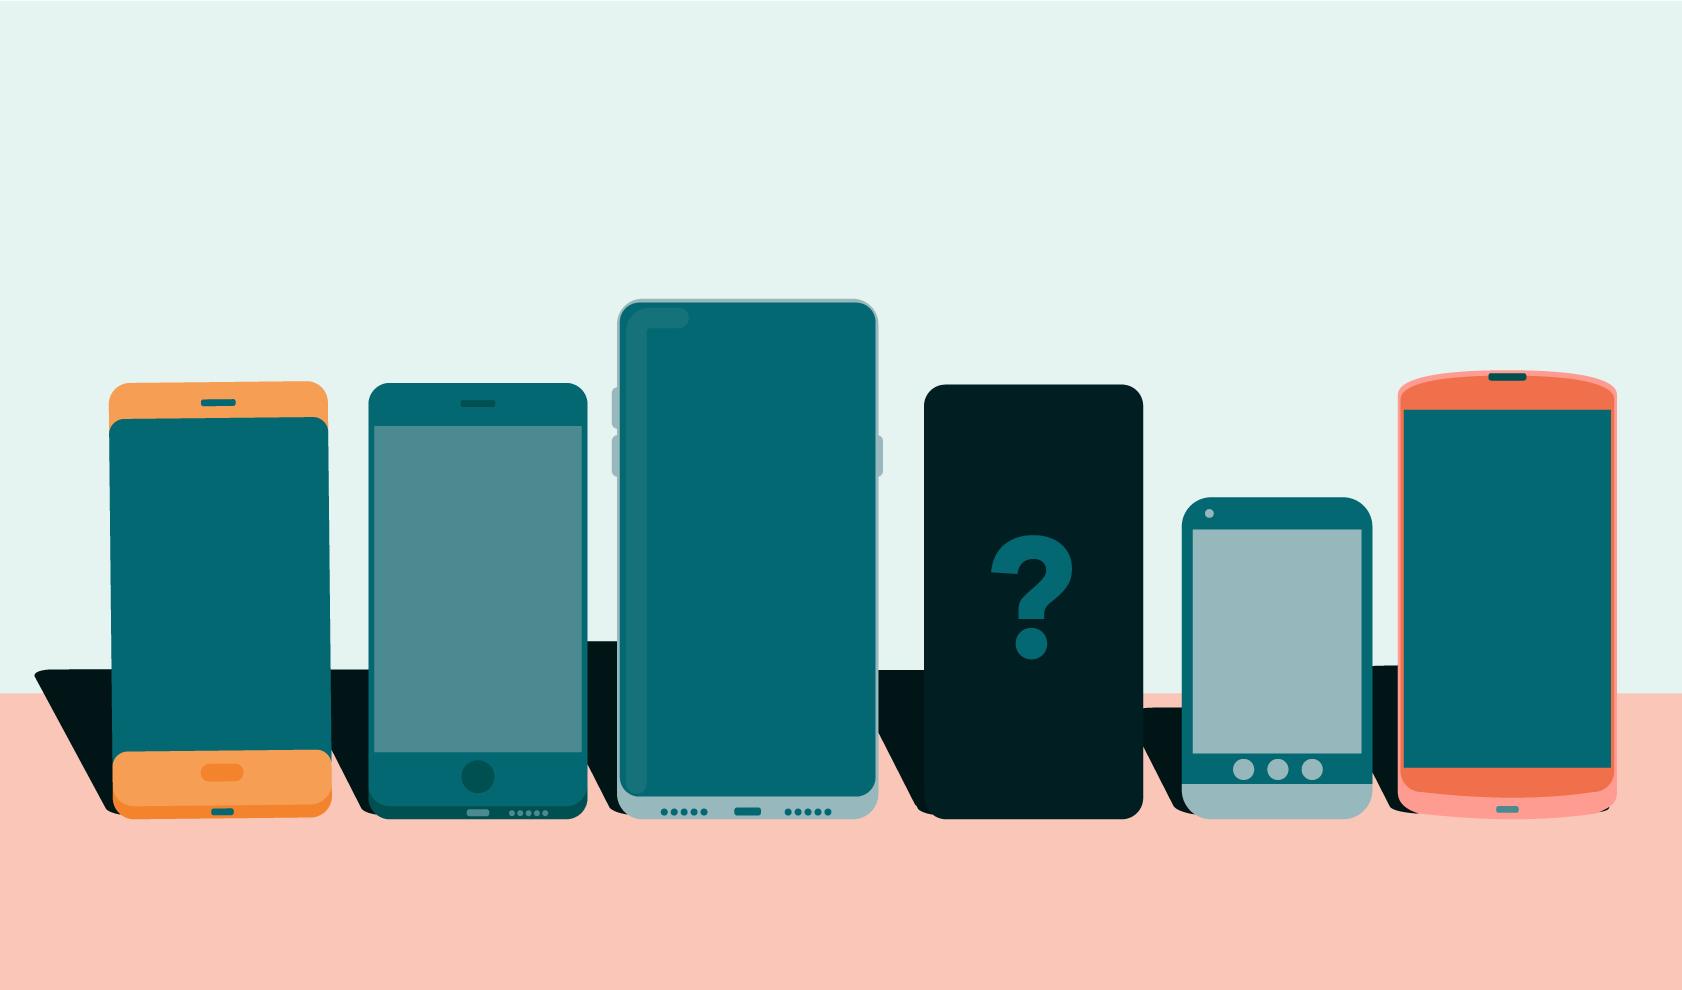 L'IMEI del tuo cellulare è duplicato [Come risolverlo] 1